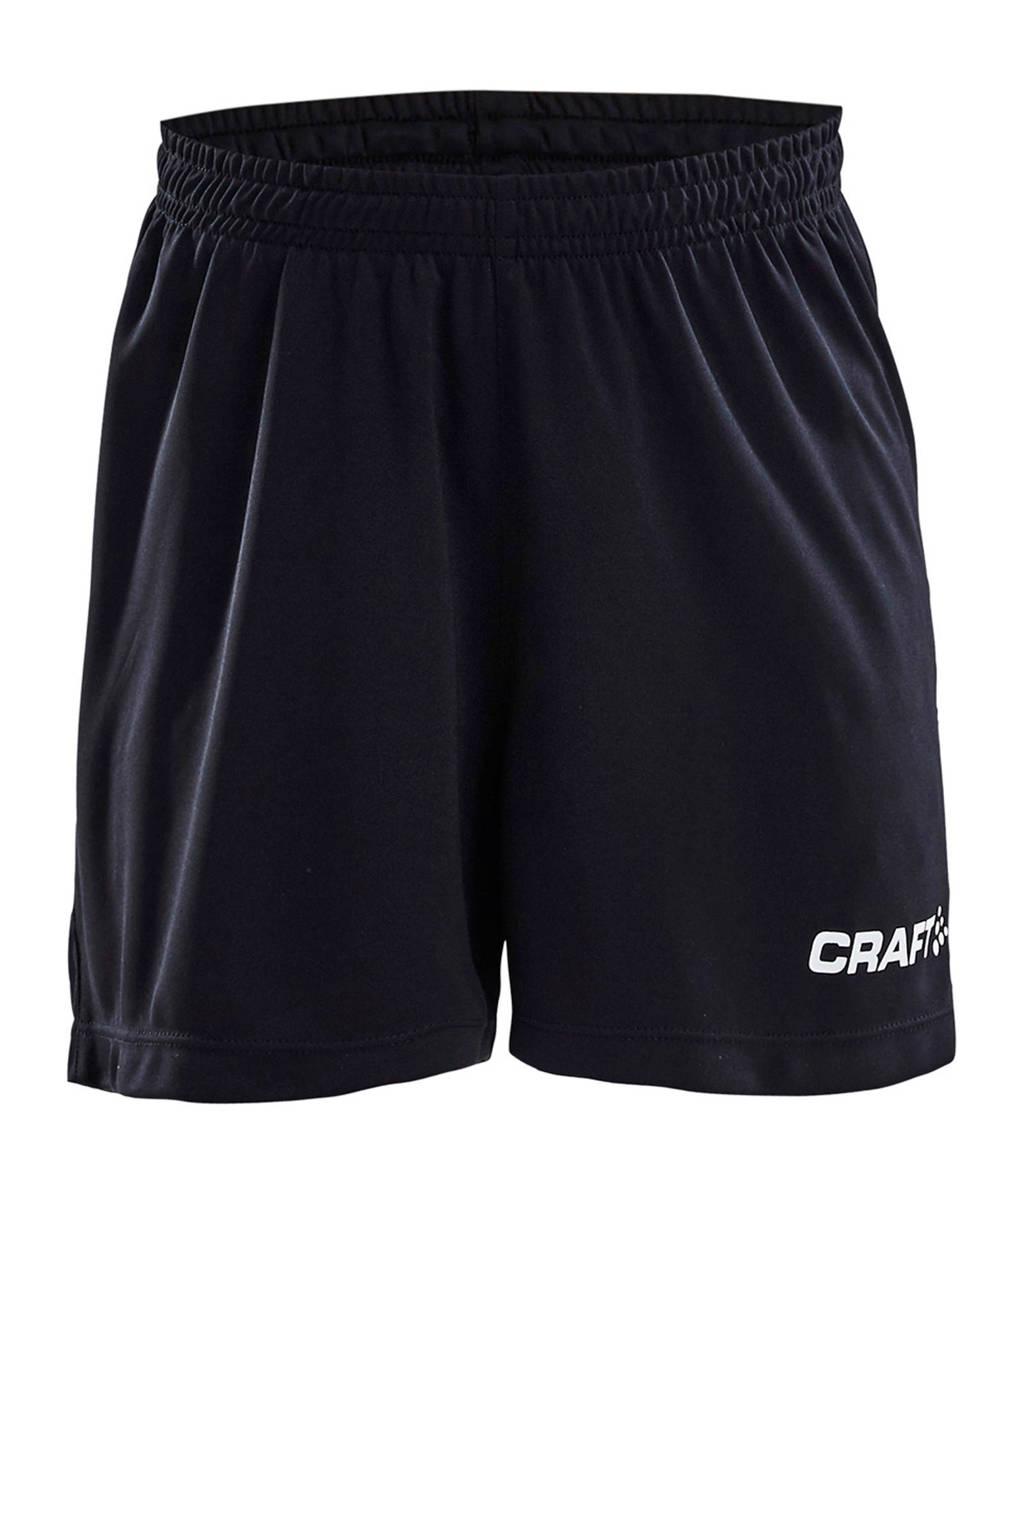 Craft Junior  sportshort zwart, Zwart